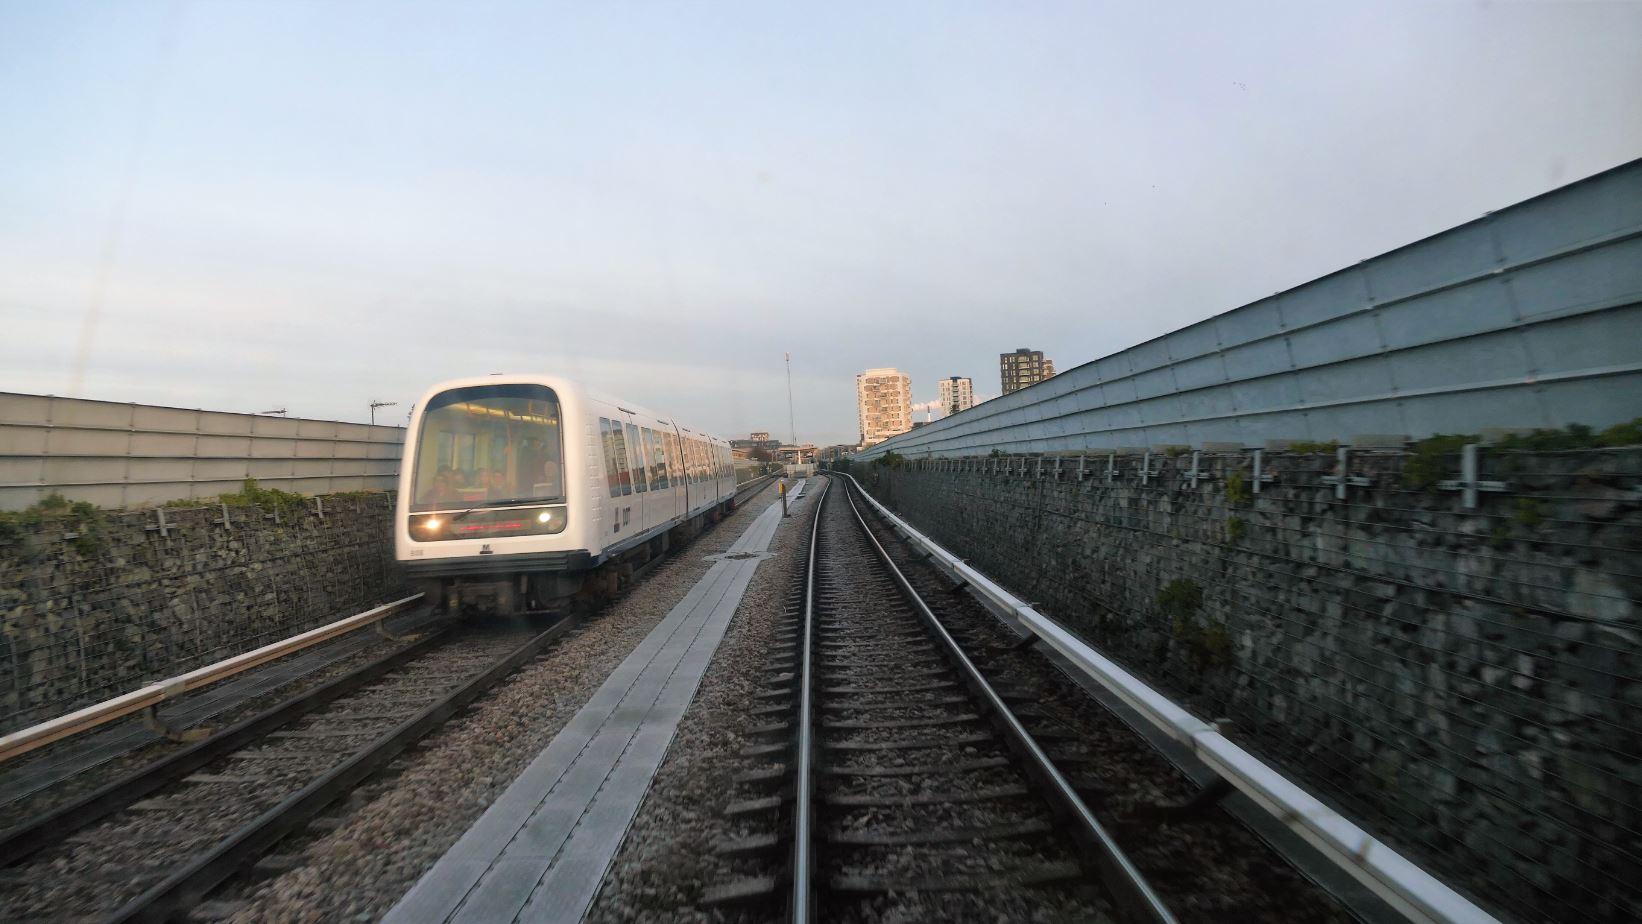 Norden med gemensam insats mot självmord i tågtrafiken